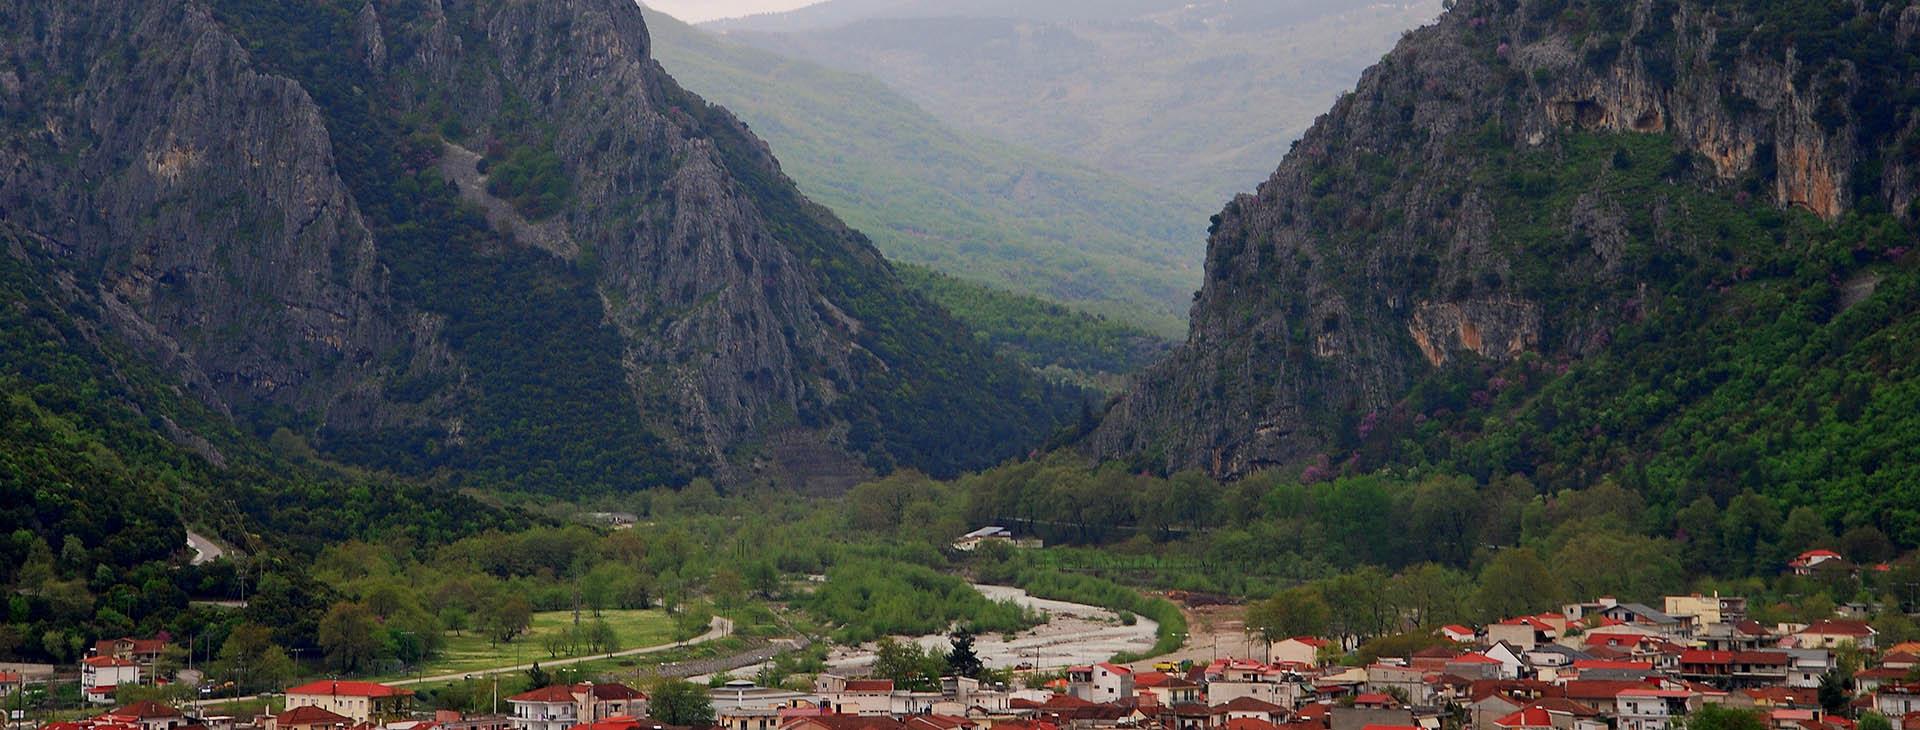 Mouzaki village, Karditsa